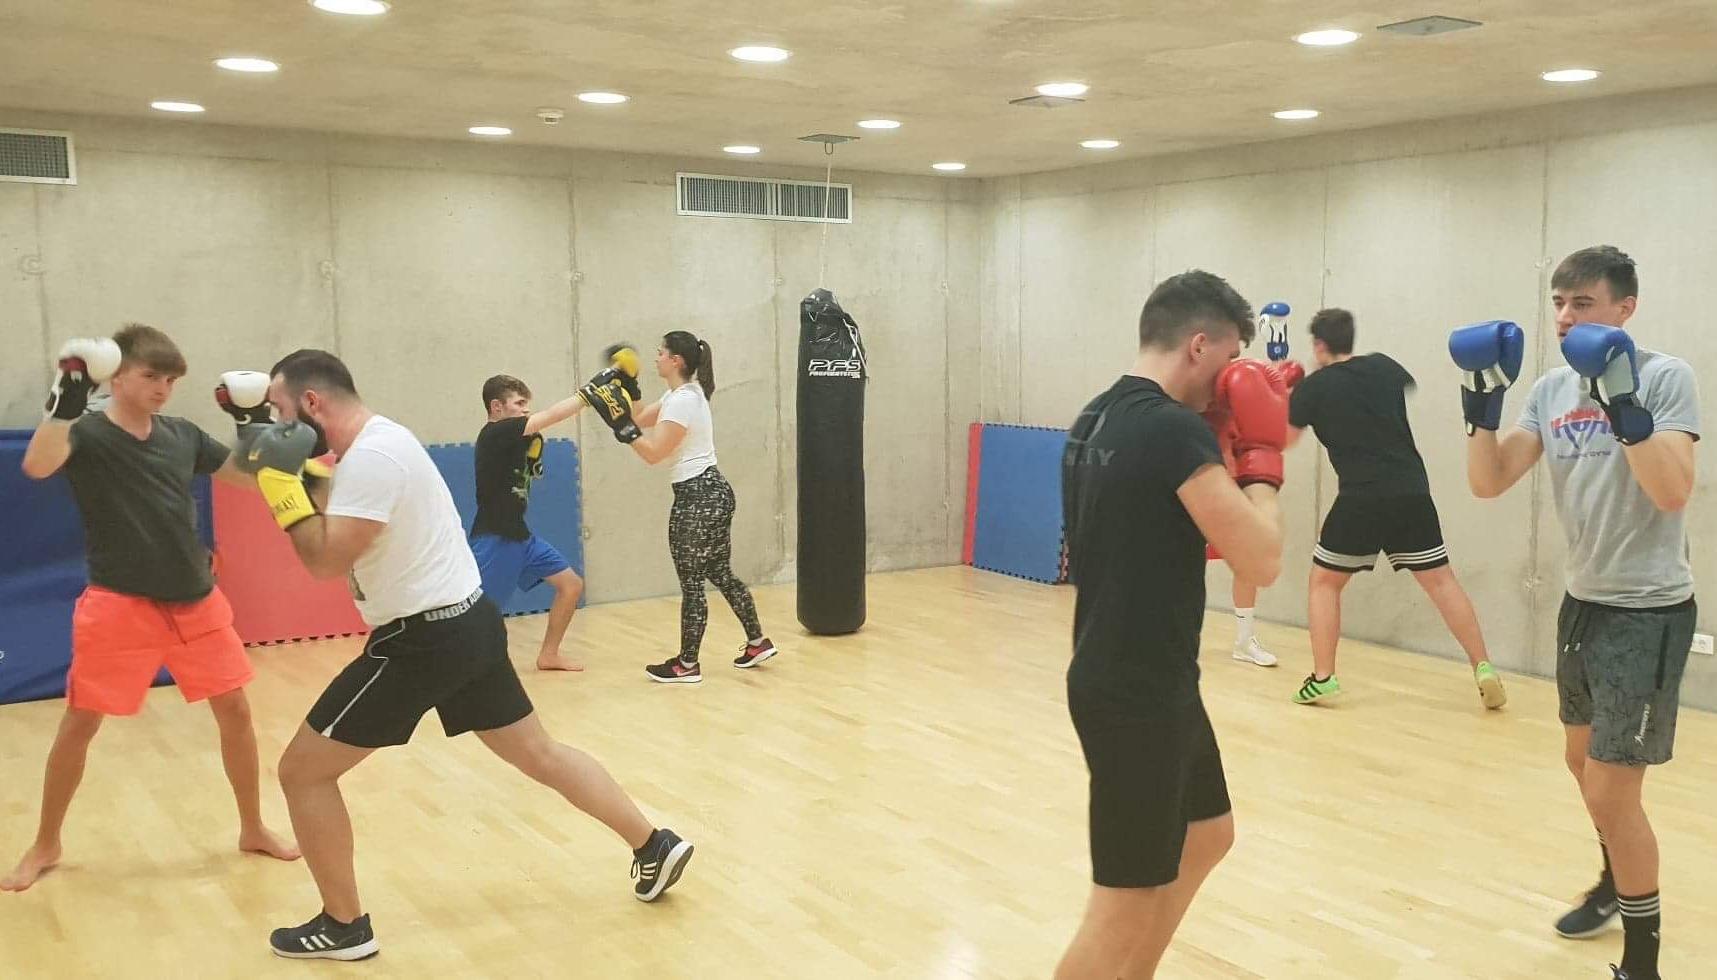 https://novigrad.hr/u_novigradskoj_sportskoj_dvorani_odnedavno_djeluje_kick_boxing_klub_novigra